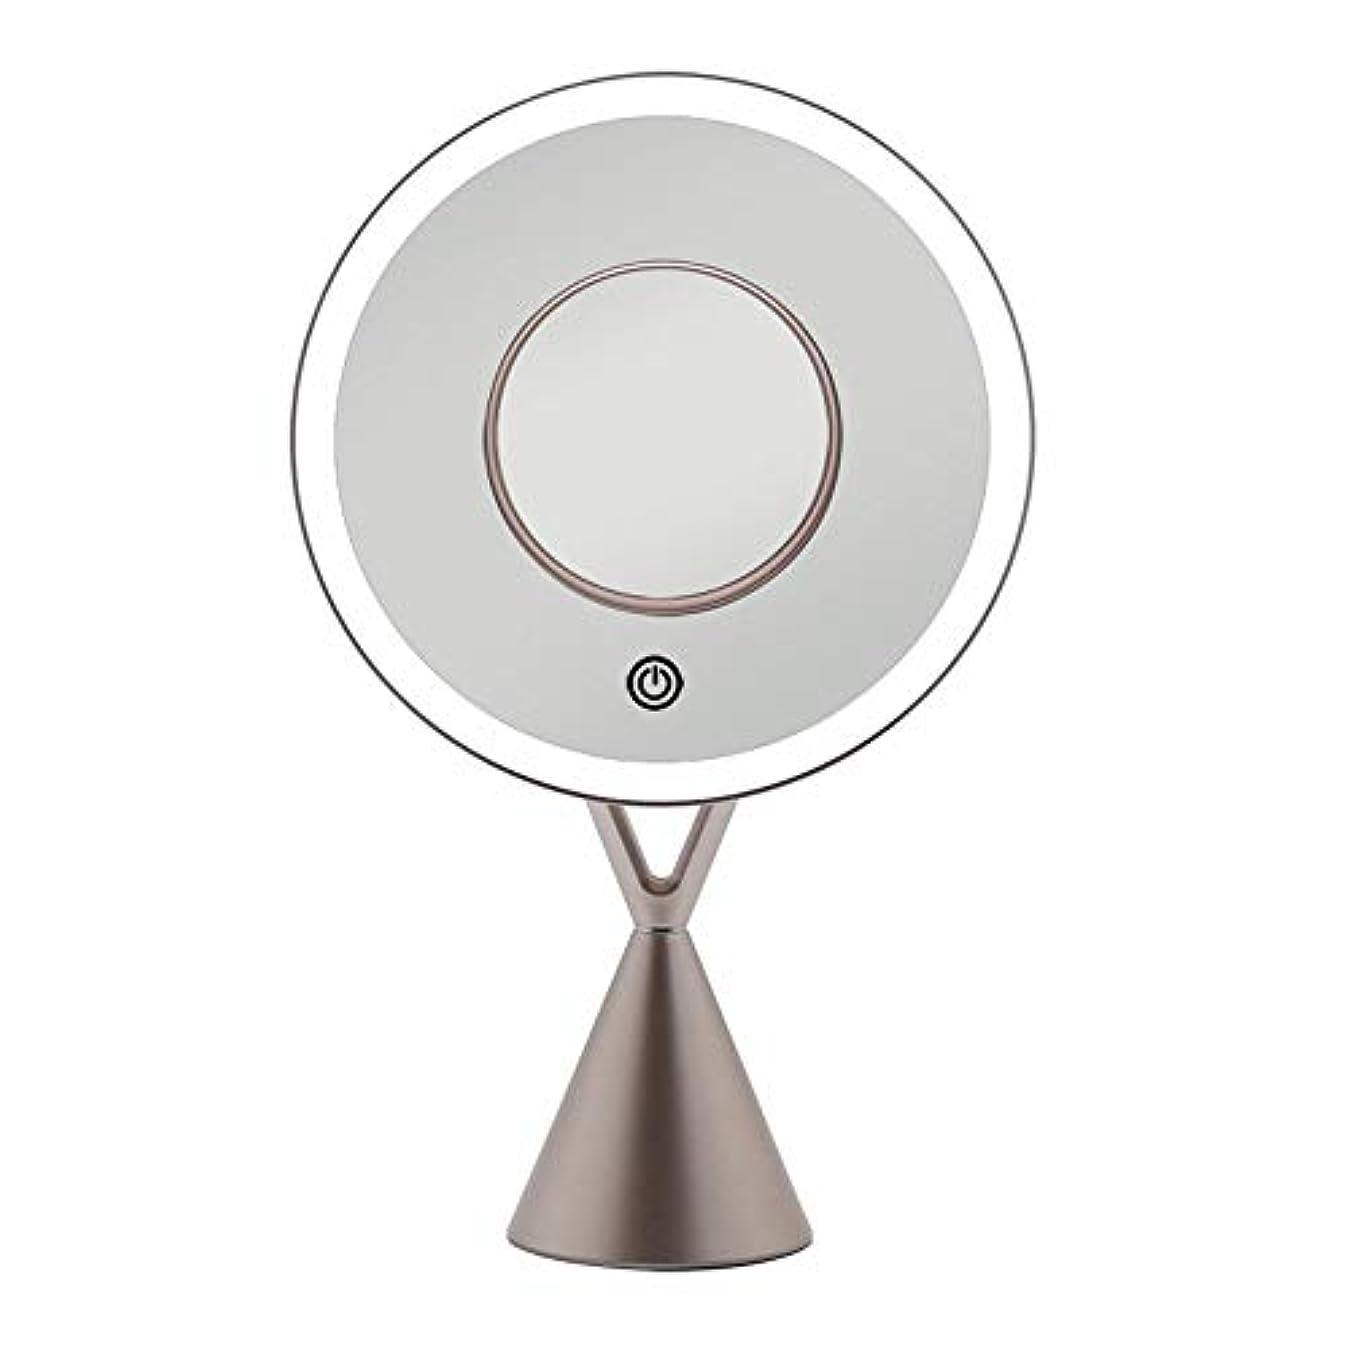 手意欲一緒流行の LEDフィルライトデスクトップミラー5倍磁気吸引拡大鏡45度自由調整ローズゴールドギフト